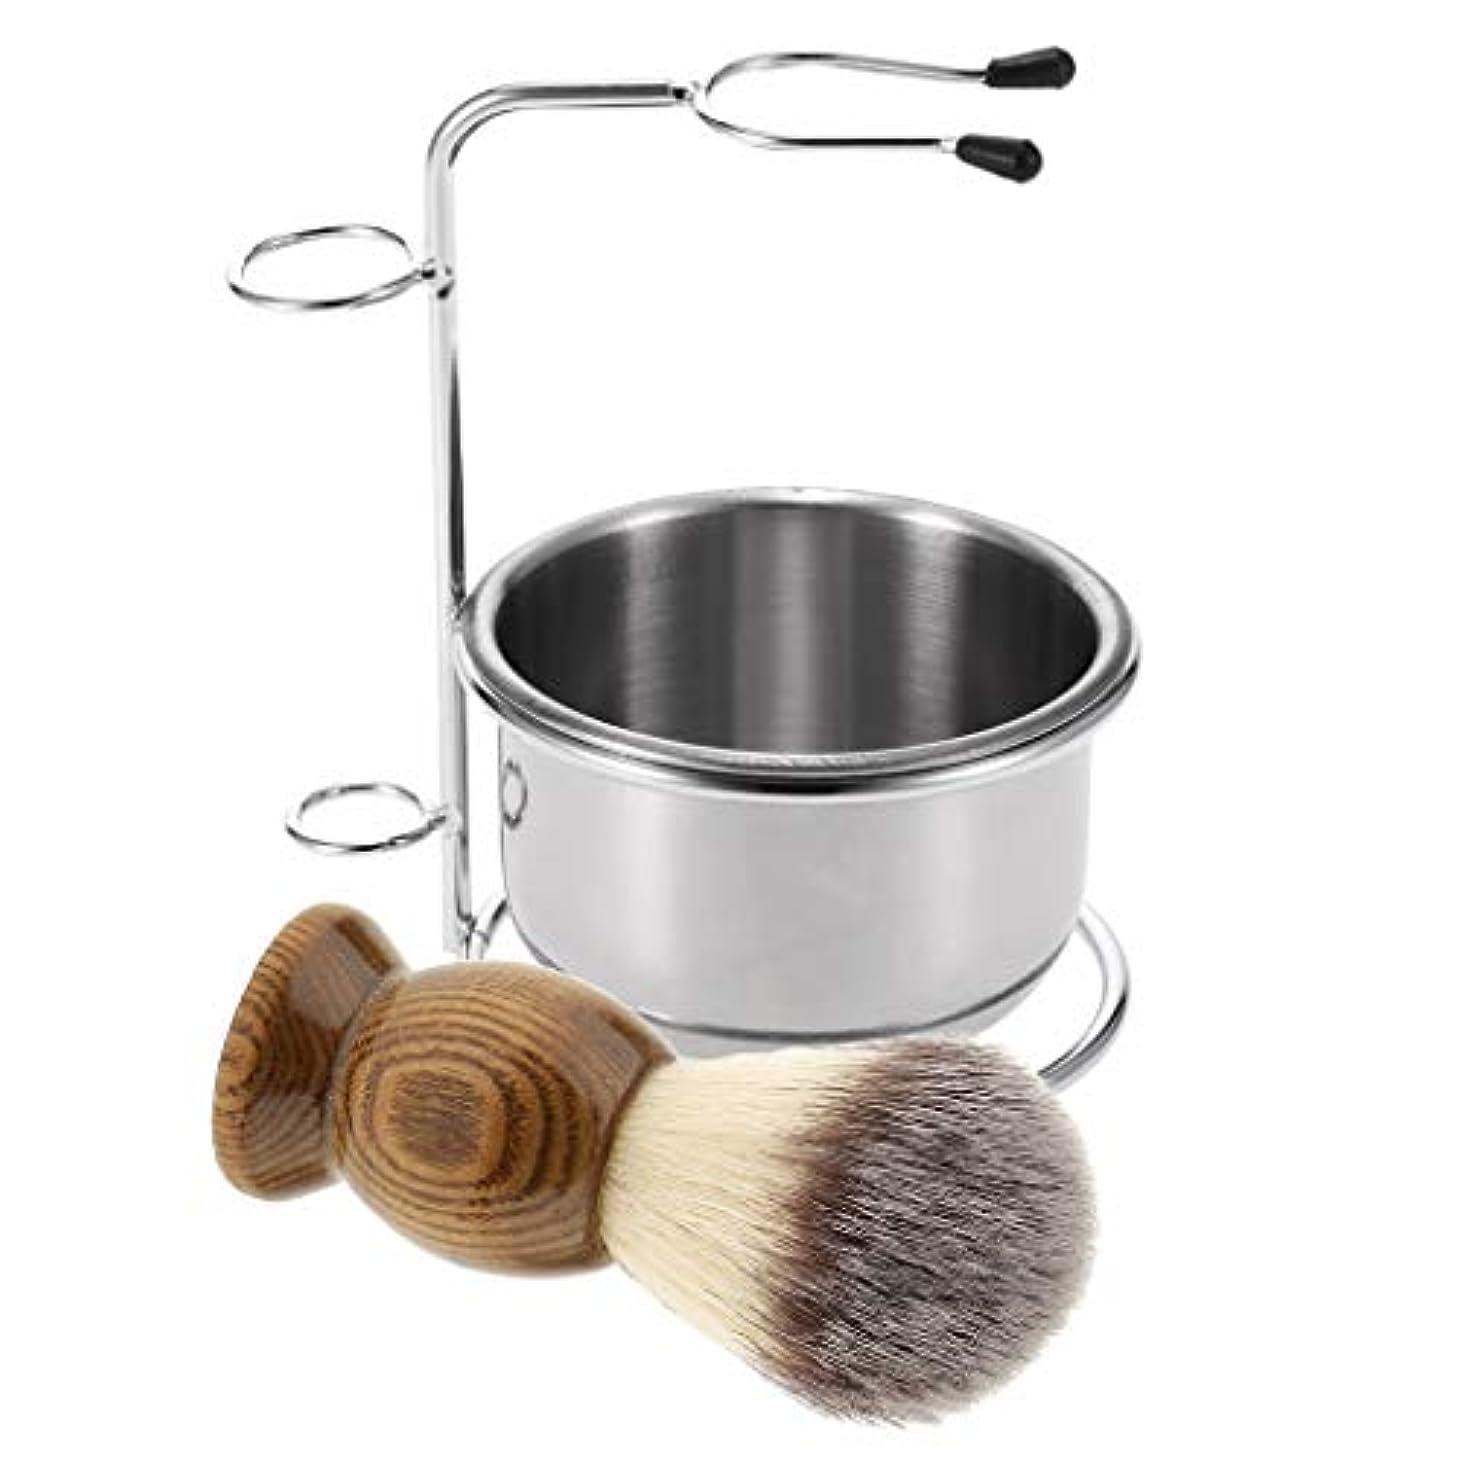 あなたのもの大宇宙耳sharprepublic ブラシホルダー サロン 髭剃り シェービングキット 金属製ボウル シェービングブラシ 実用性